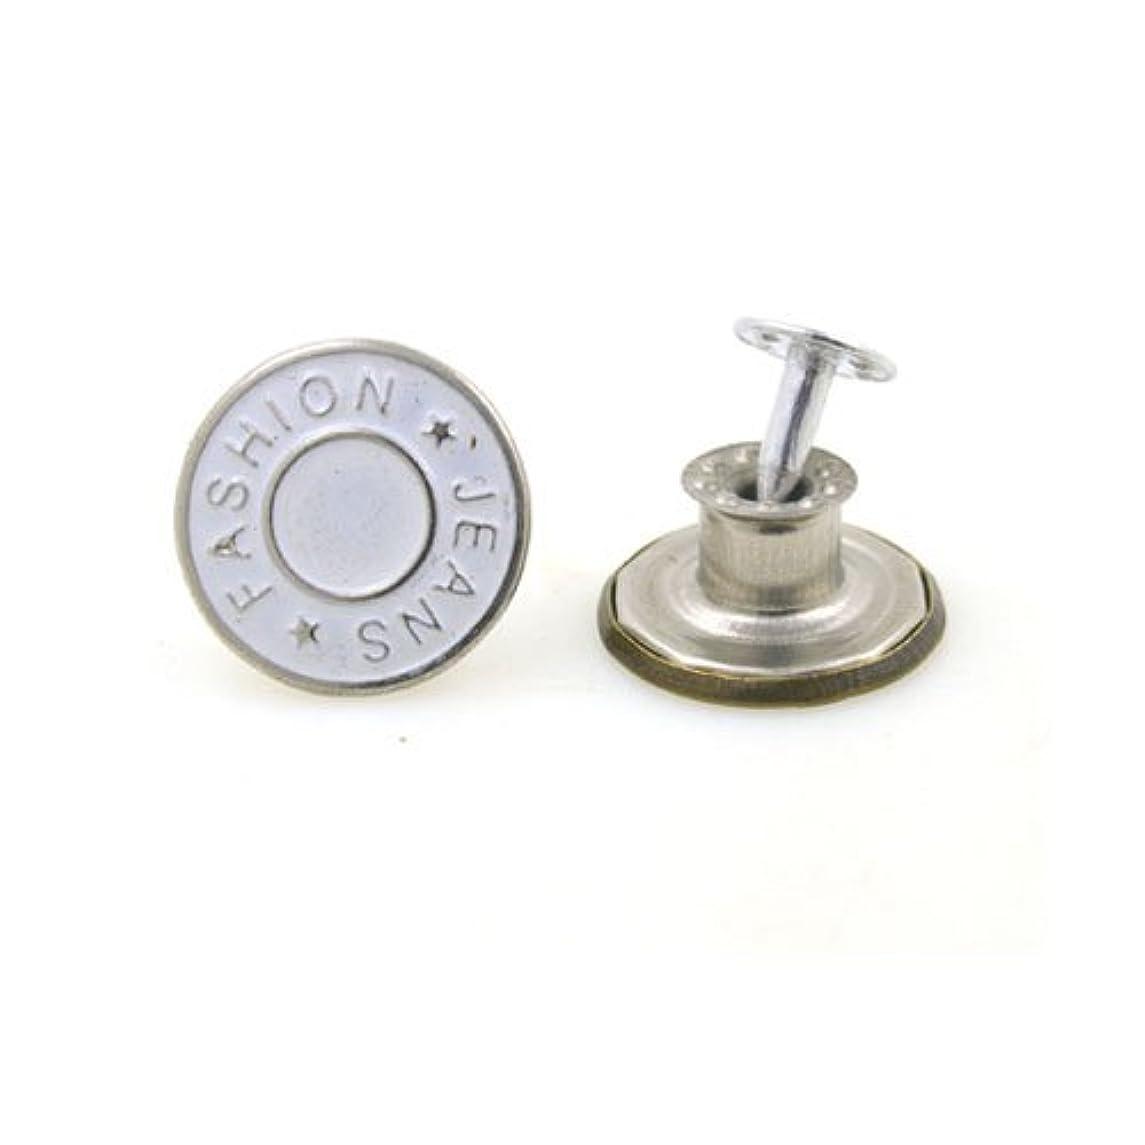 夜明け取り組む名目上のJicorzo - 10sets /服accseeories手作り[タイプ2]を縫製衣服のズボンのためにたくさんの17ミリメートルのブロンズファッション金属ジーンズボタンシャンクボタン